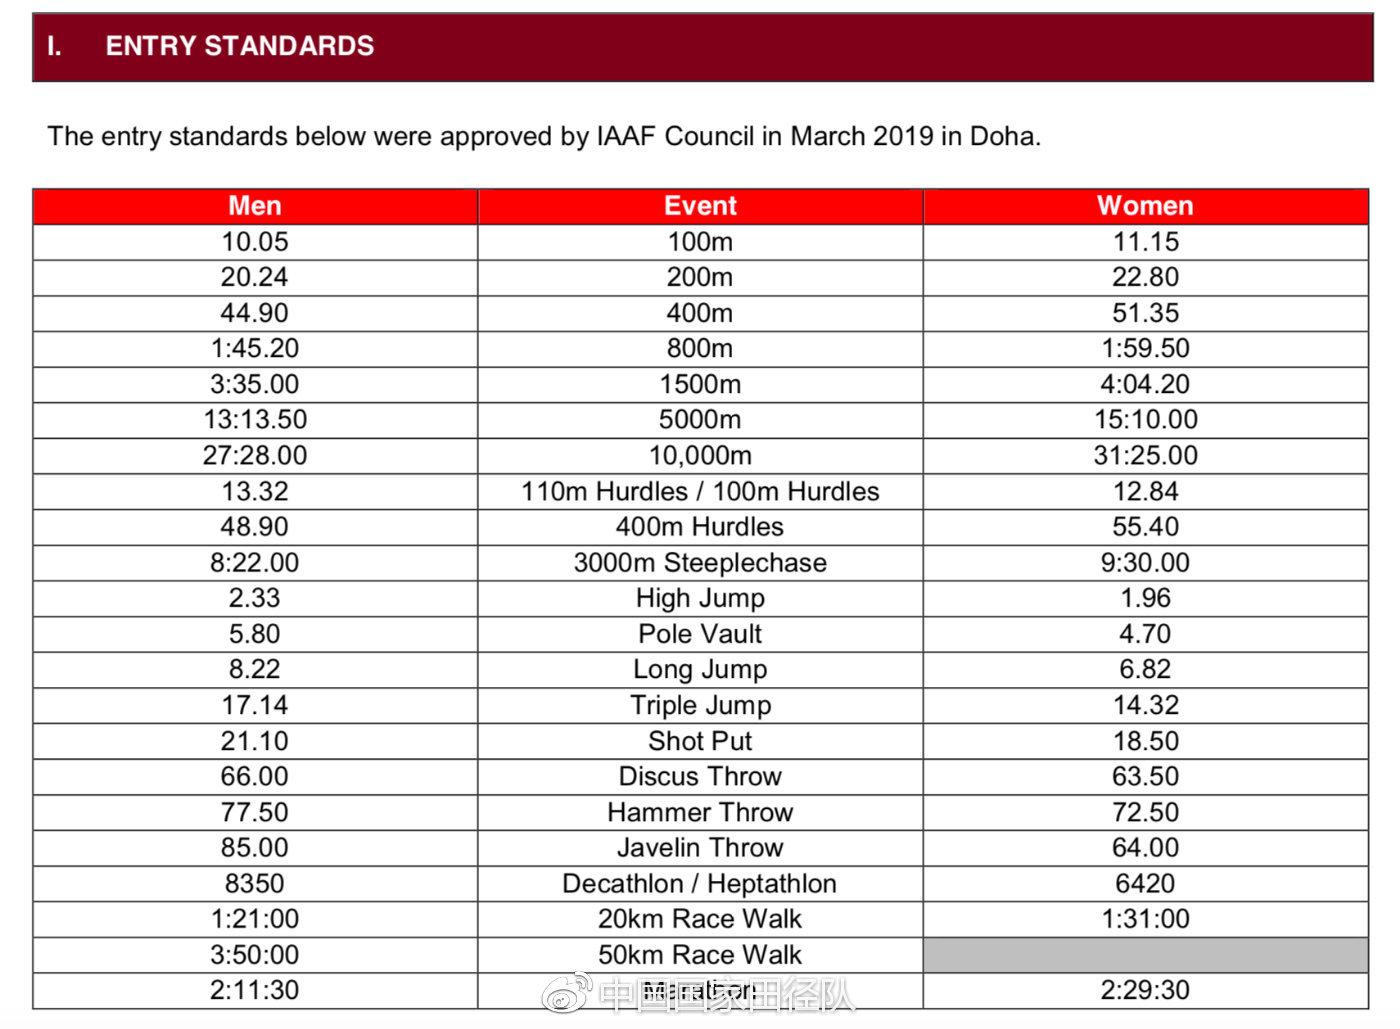 东京奥运田径项目参赛标准出炉 难度创史上最高